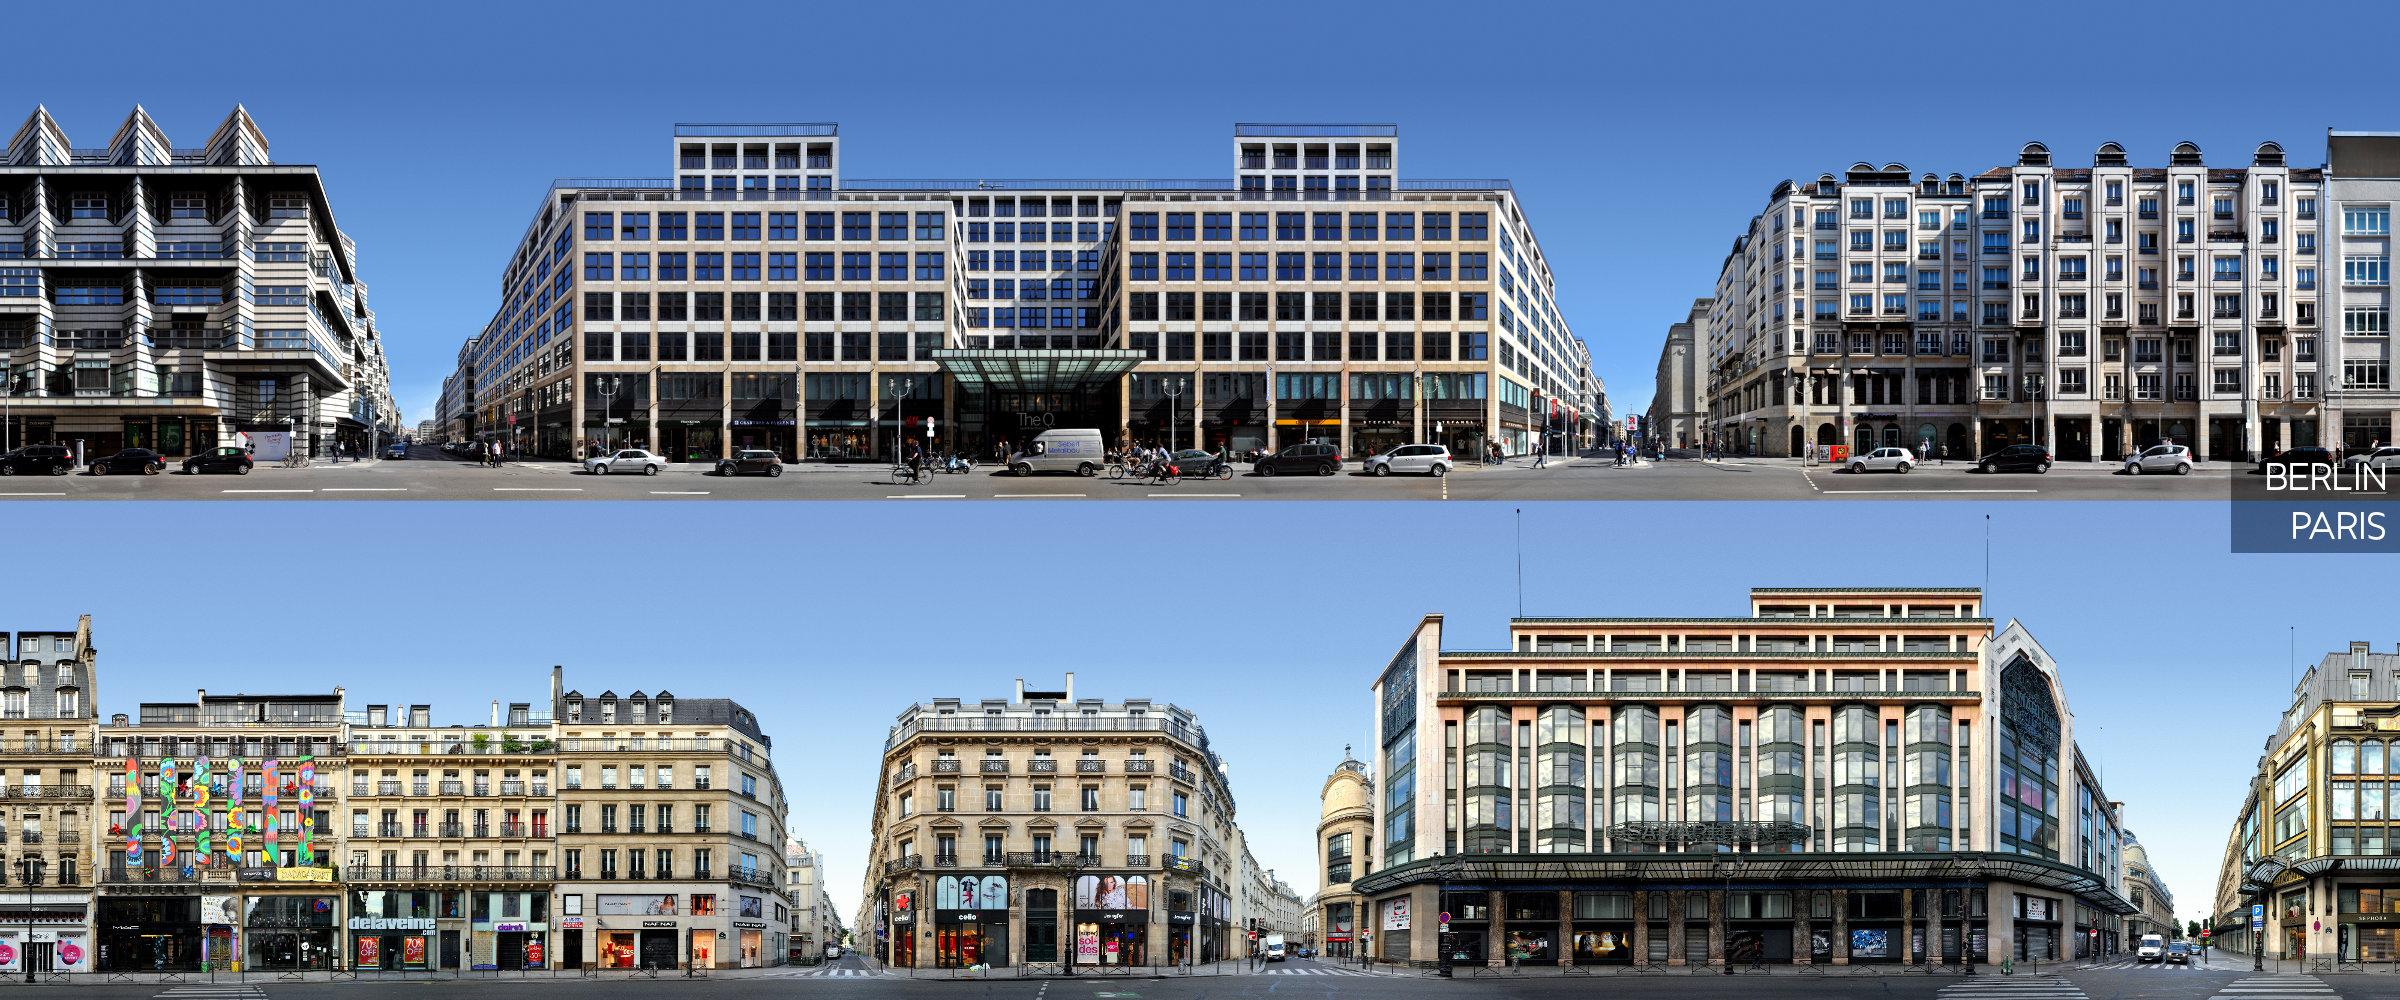 Berlin Paris Straßenzug Panorama